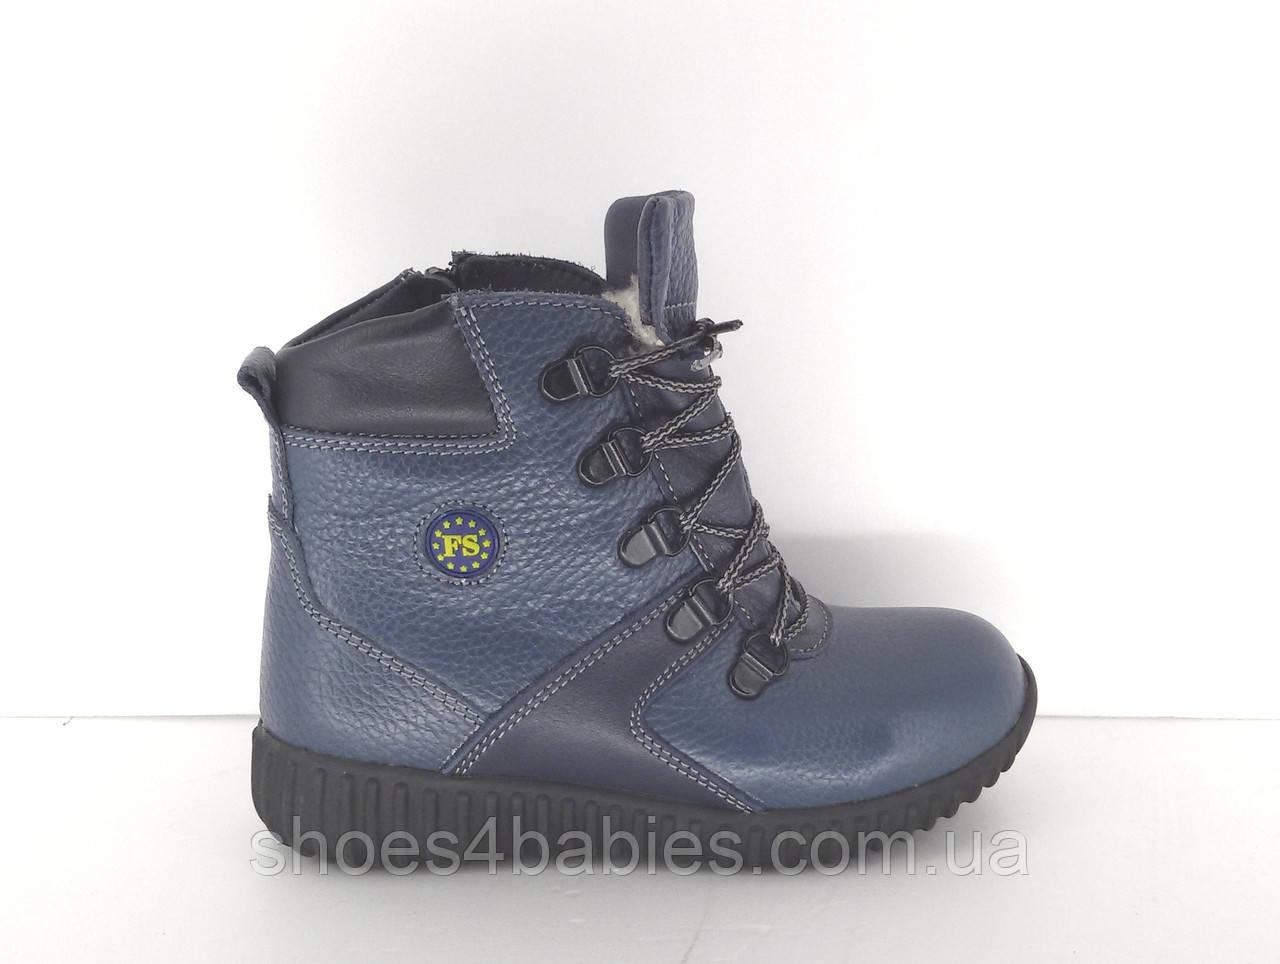 Дитячі зимові черевики шкіряні FS р. 27